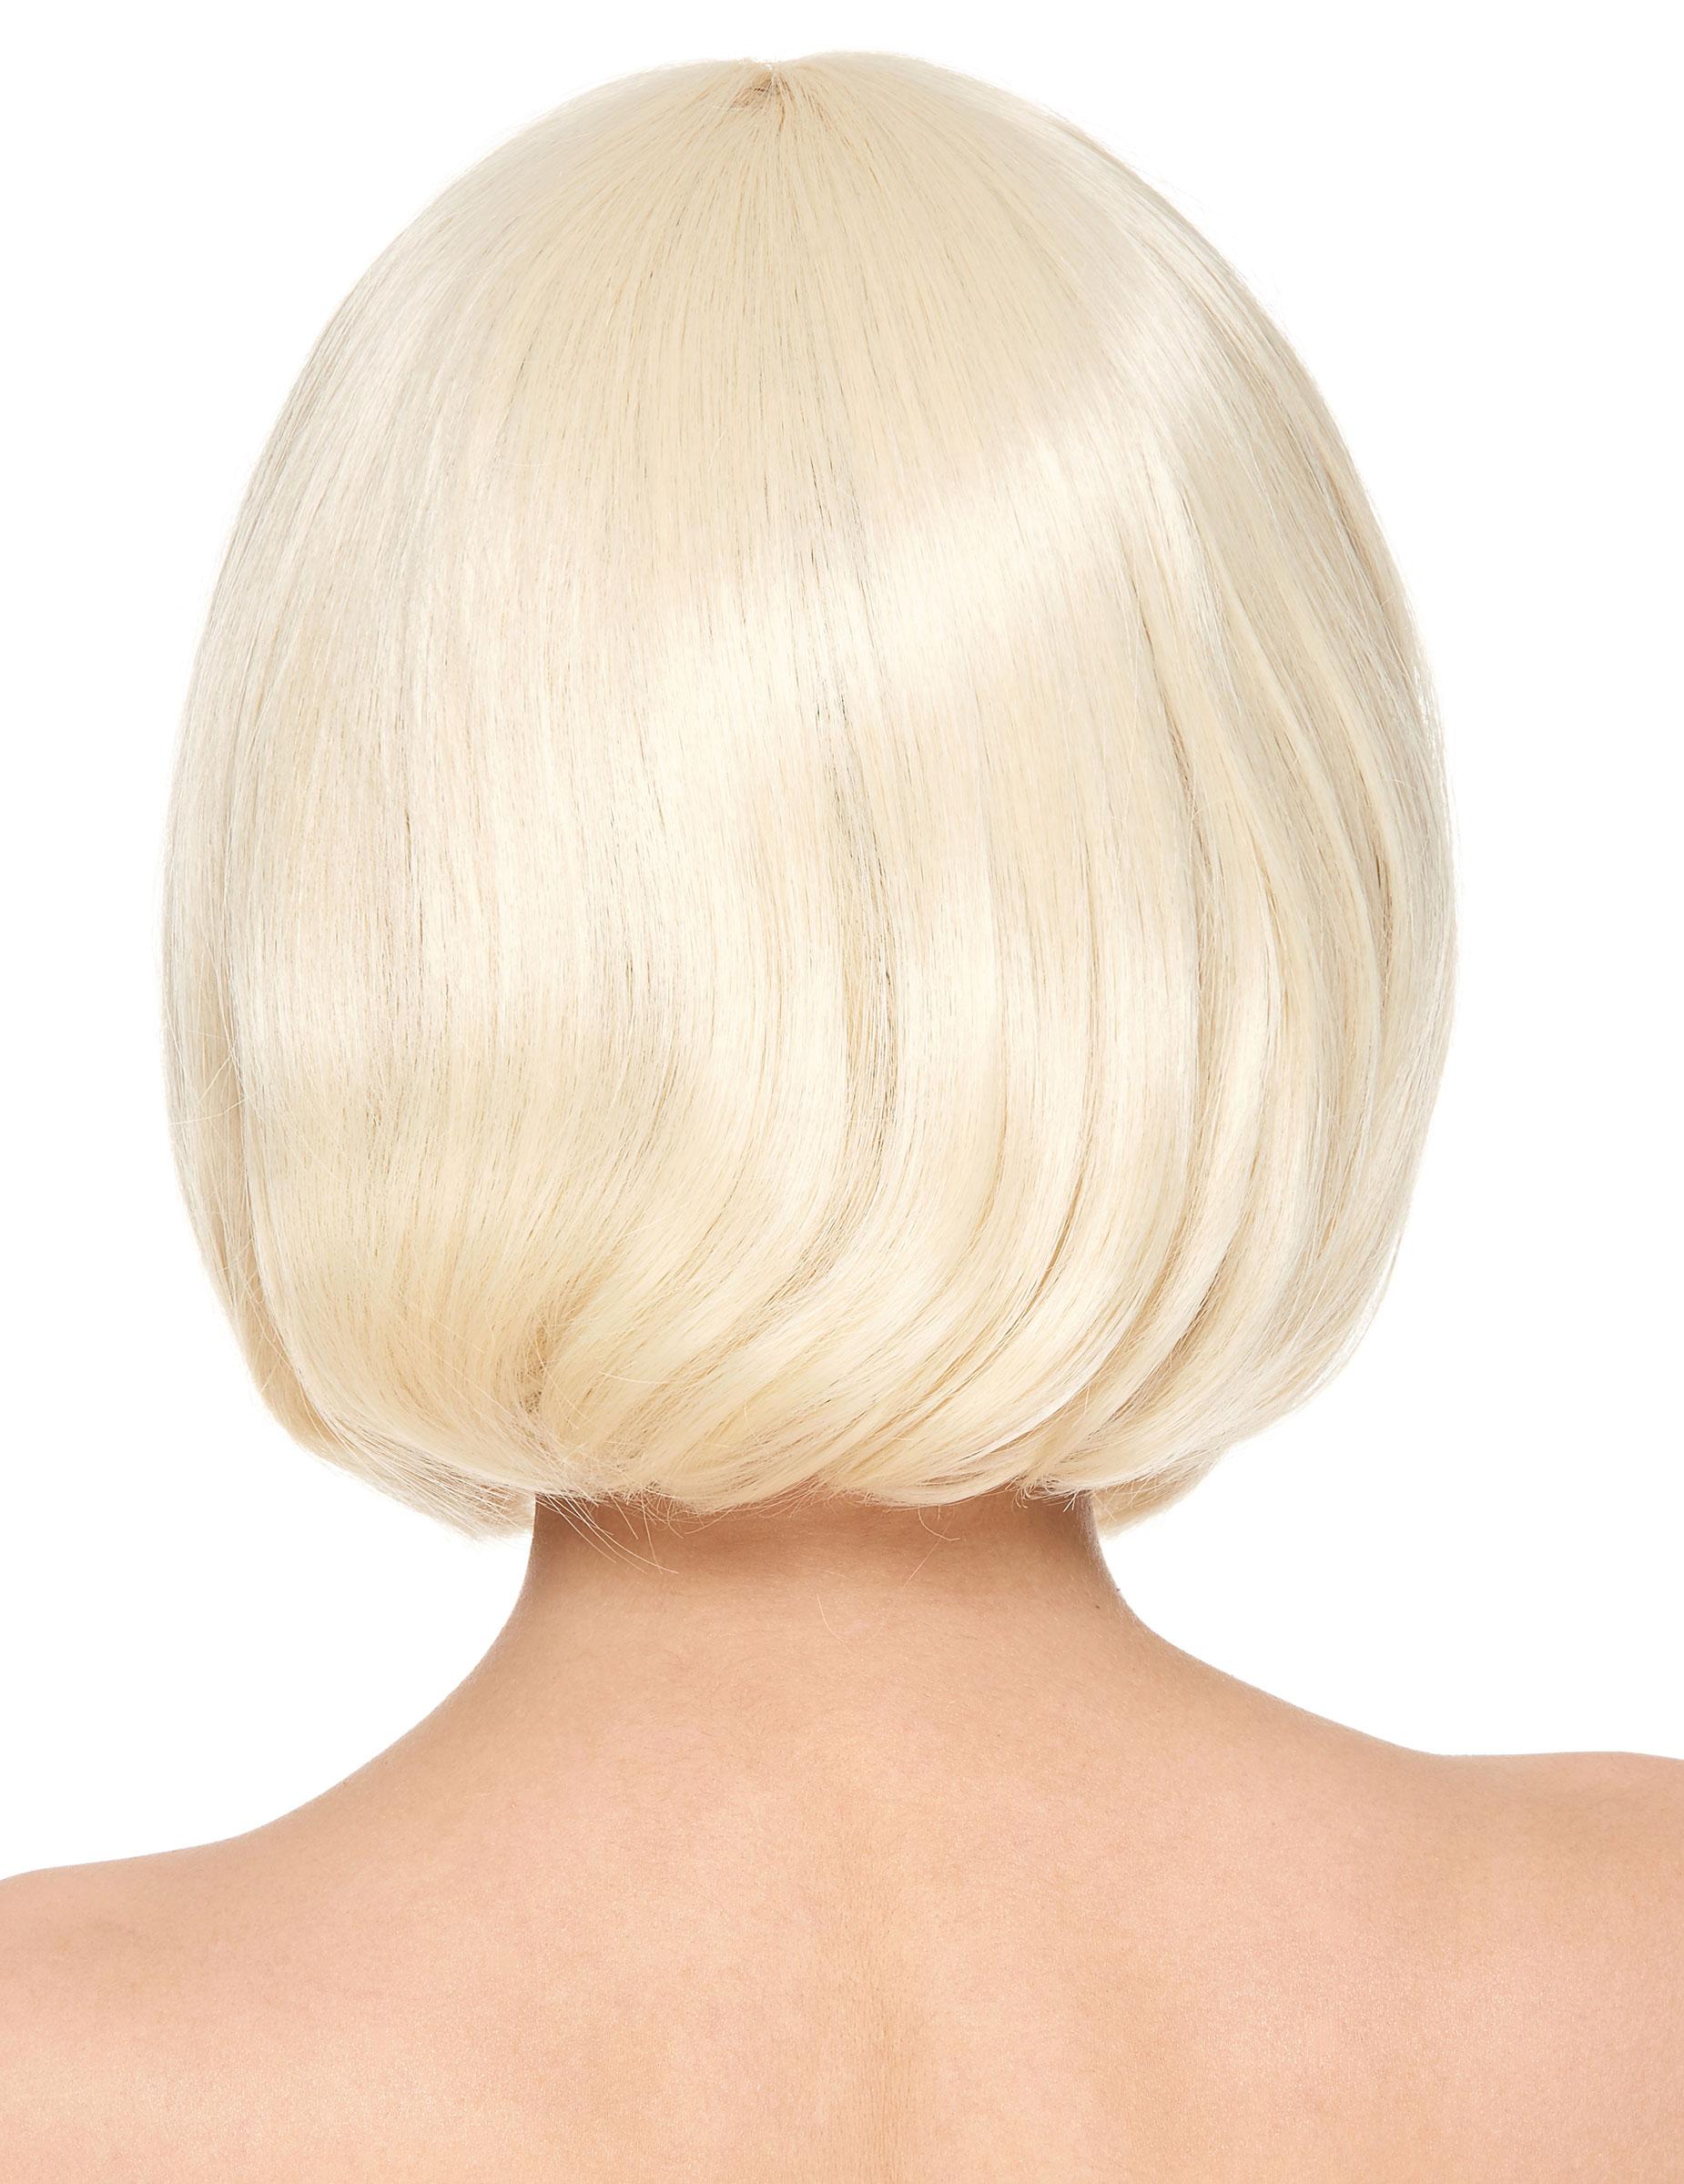 Perruque Luxe Blonde Carre Court Avec Frange Femme Achat De Perruques Sur Vegaoopro Grossiste En Deguisements